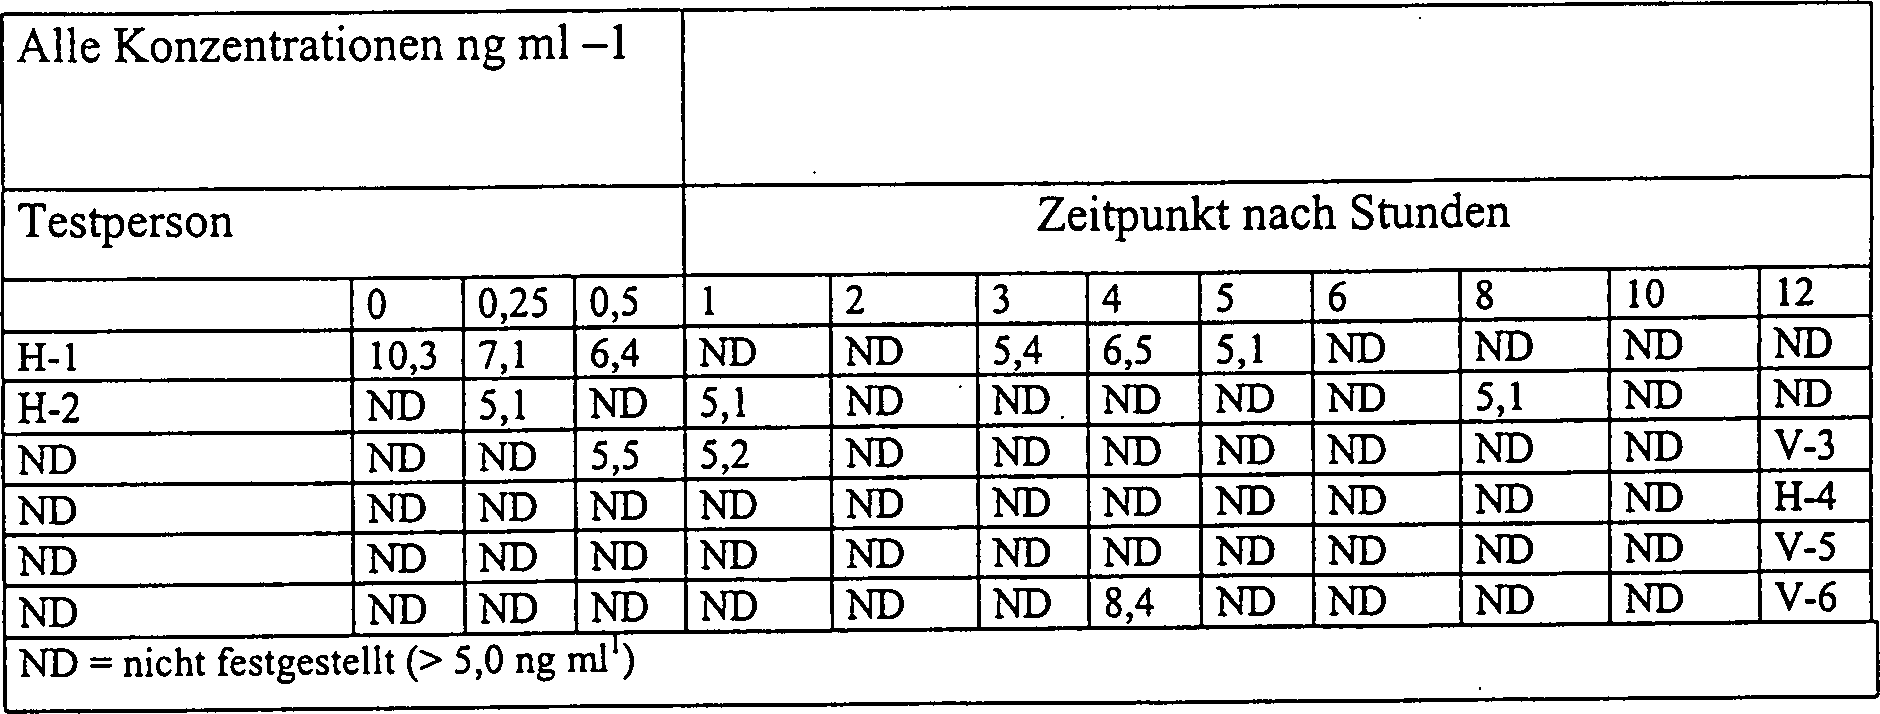 Testartikel med mall 6